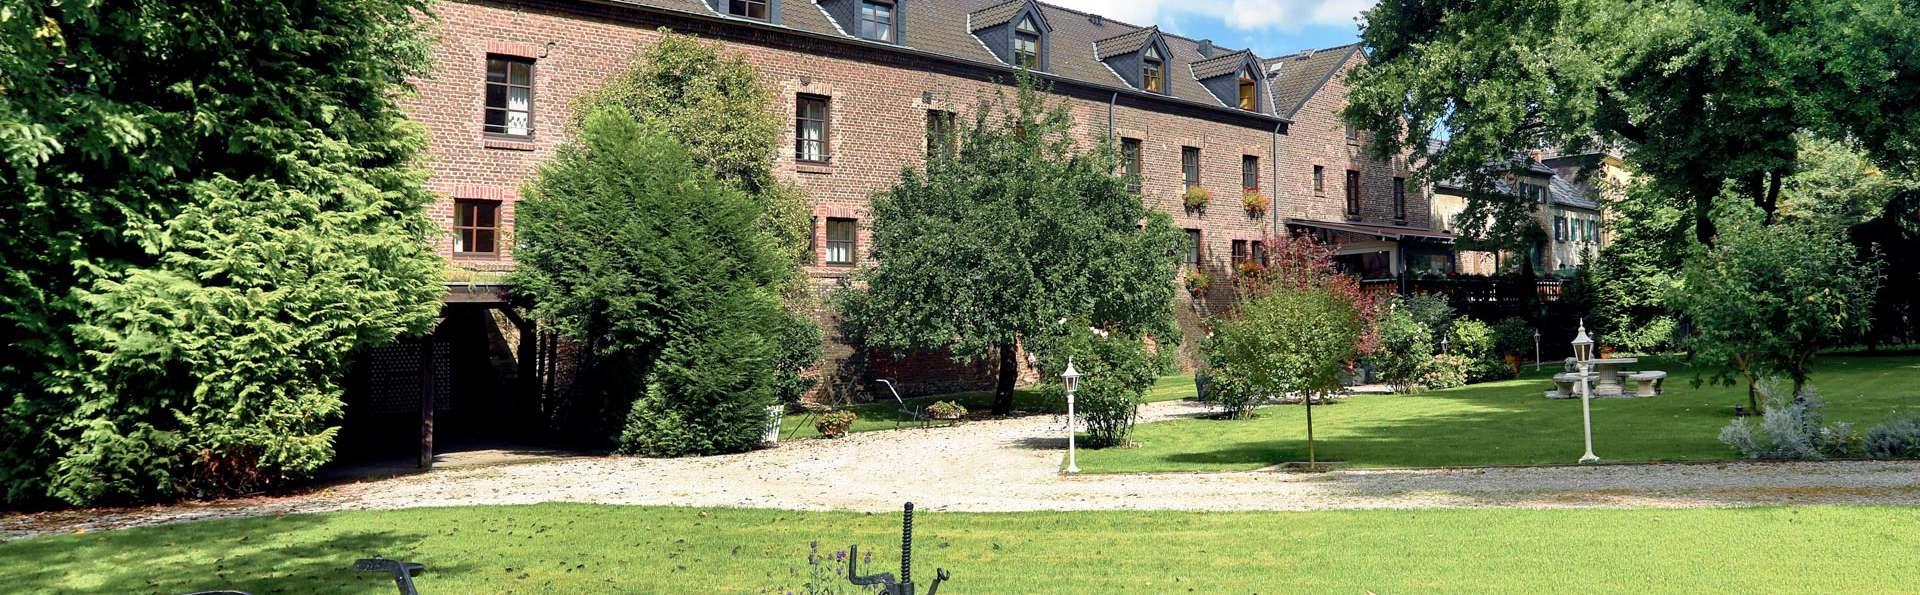 Landhaus Danielshof - EDIT_FRONT_02.jpg